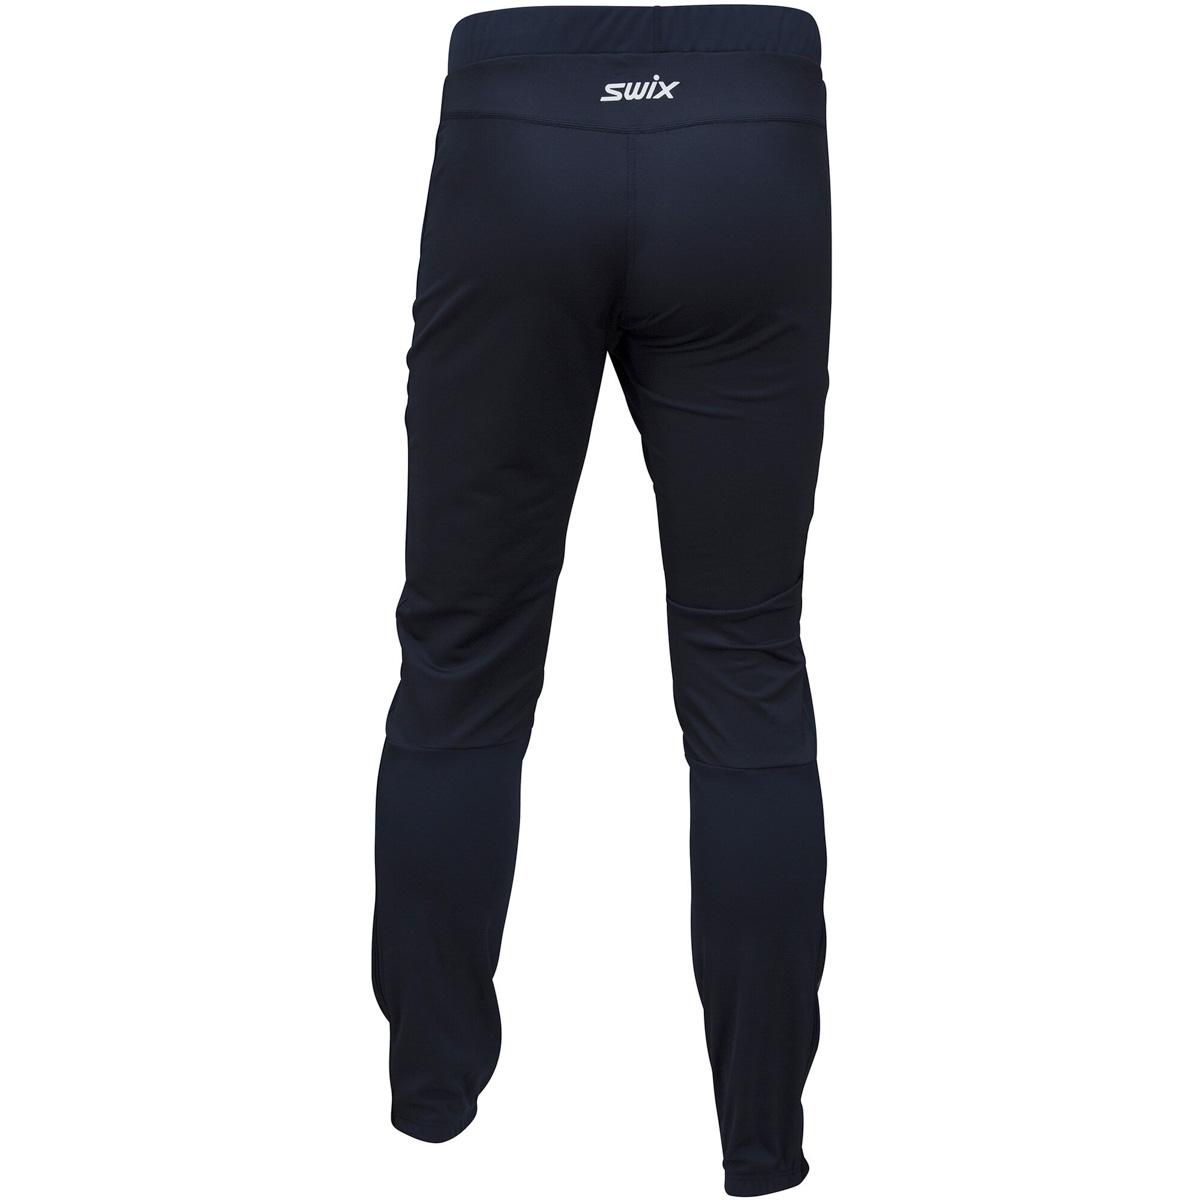 22824-75100_Swix_pánské_kalhoty_Dynamic_Swixshop_1